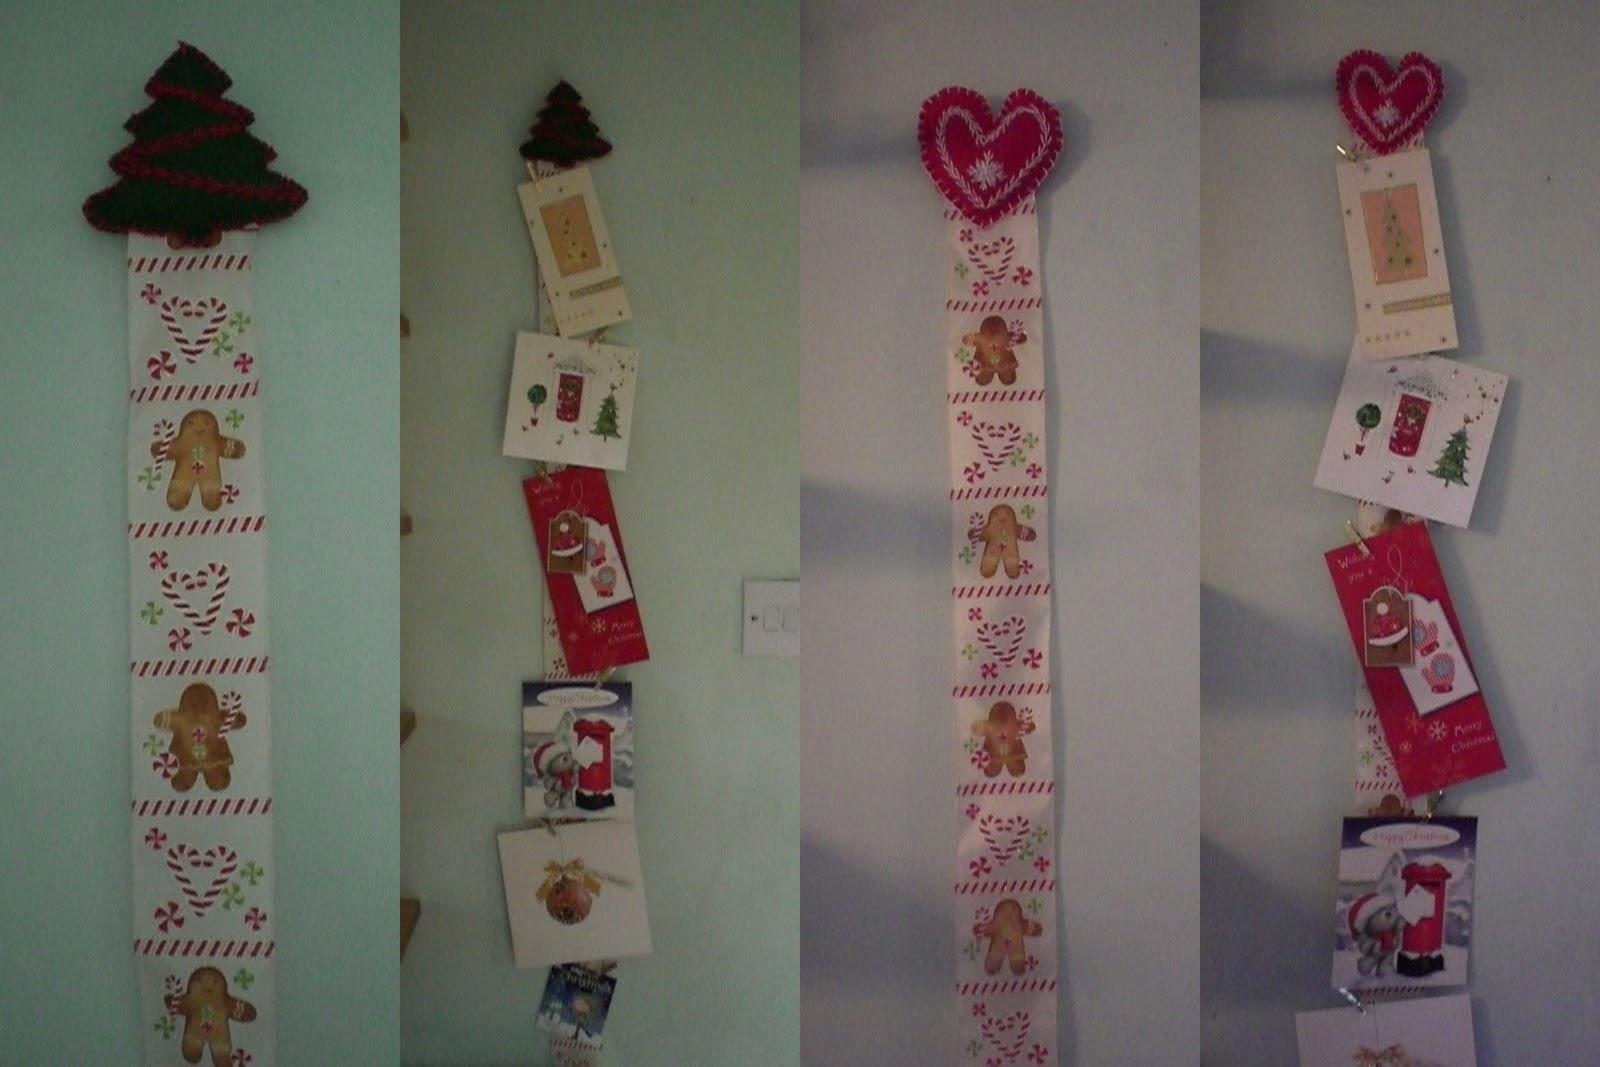 Il Magpie\' miscellanea di s: Christmas Card Hanger - Tutorial